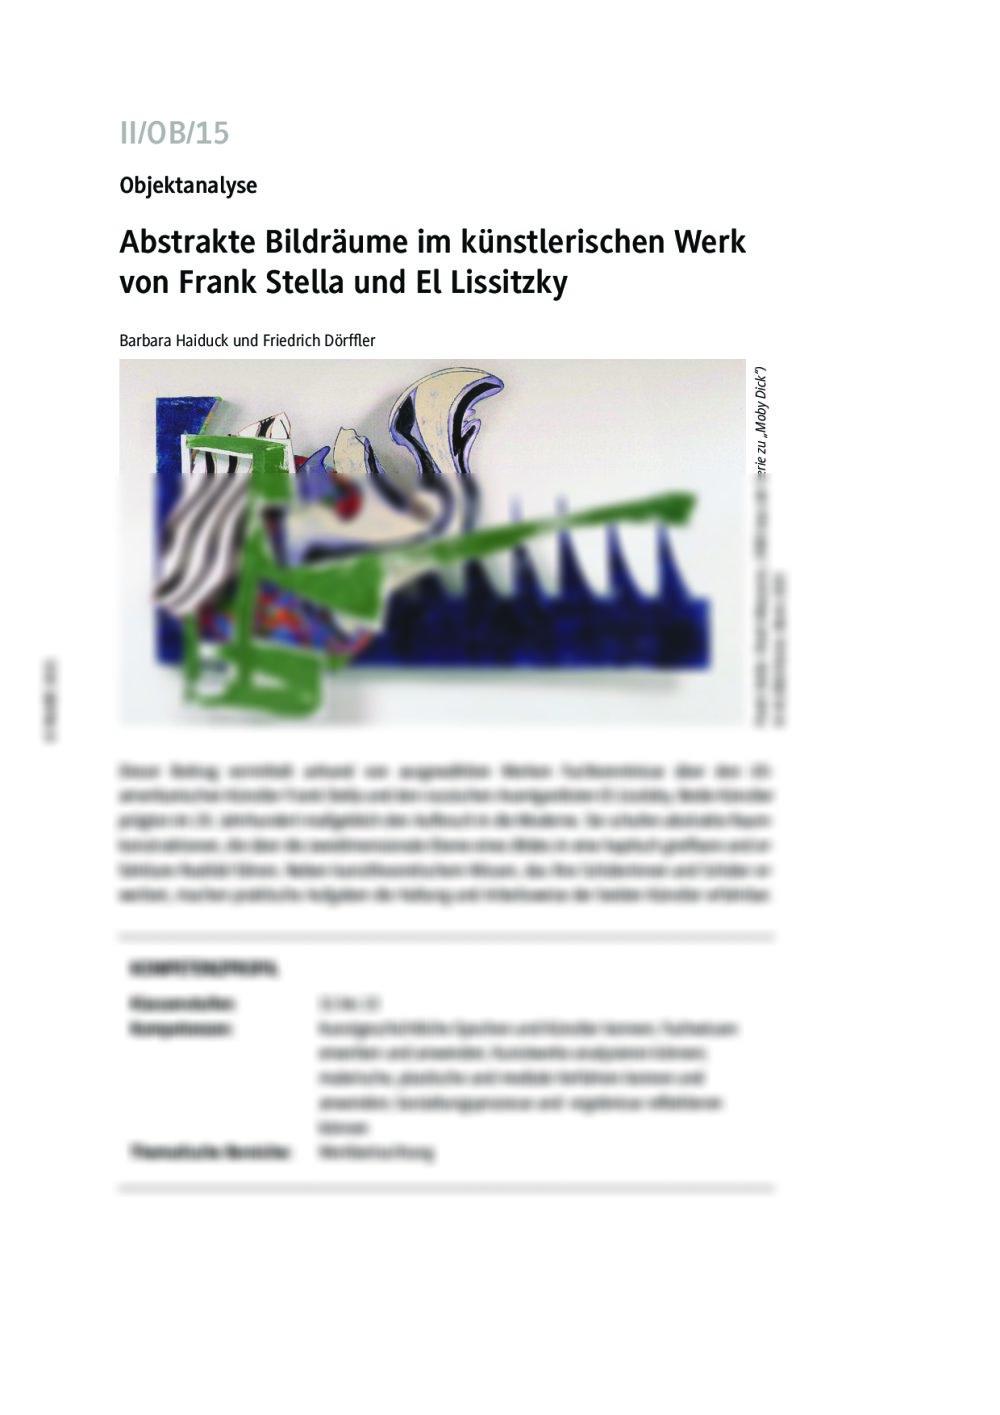 Abstrakte Bildräume im künstlerischen Werk von Frank Stella und El Lissitzky - Seite 1